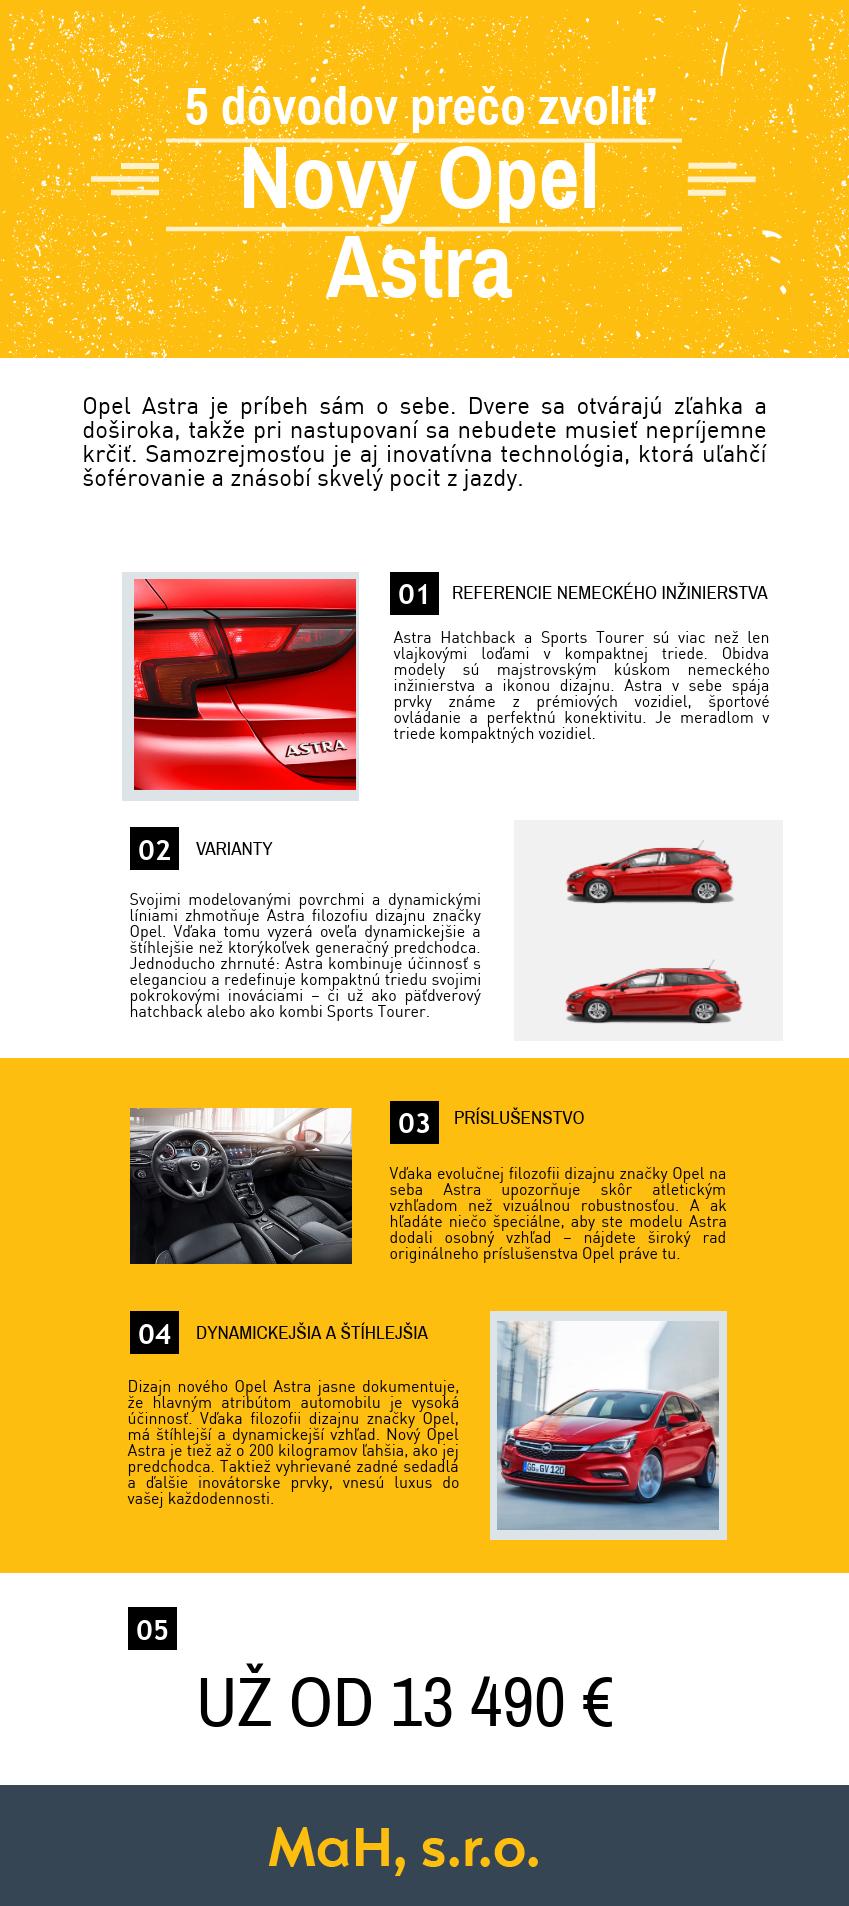 Opel Astra infografika